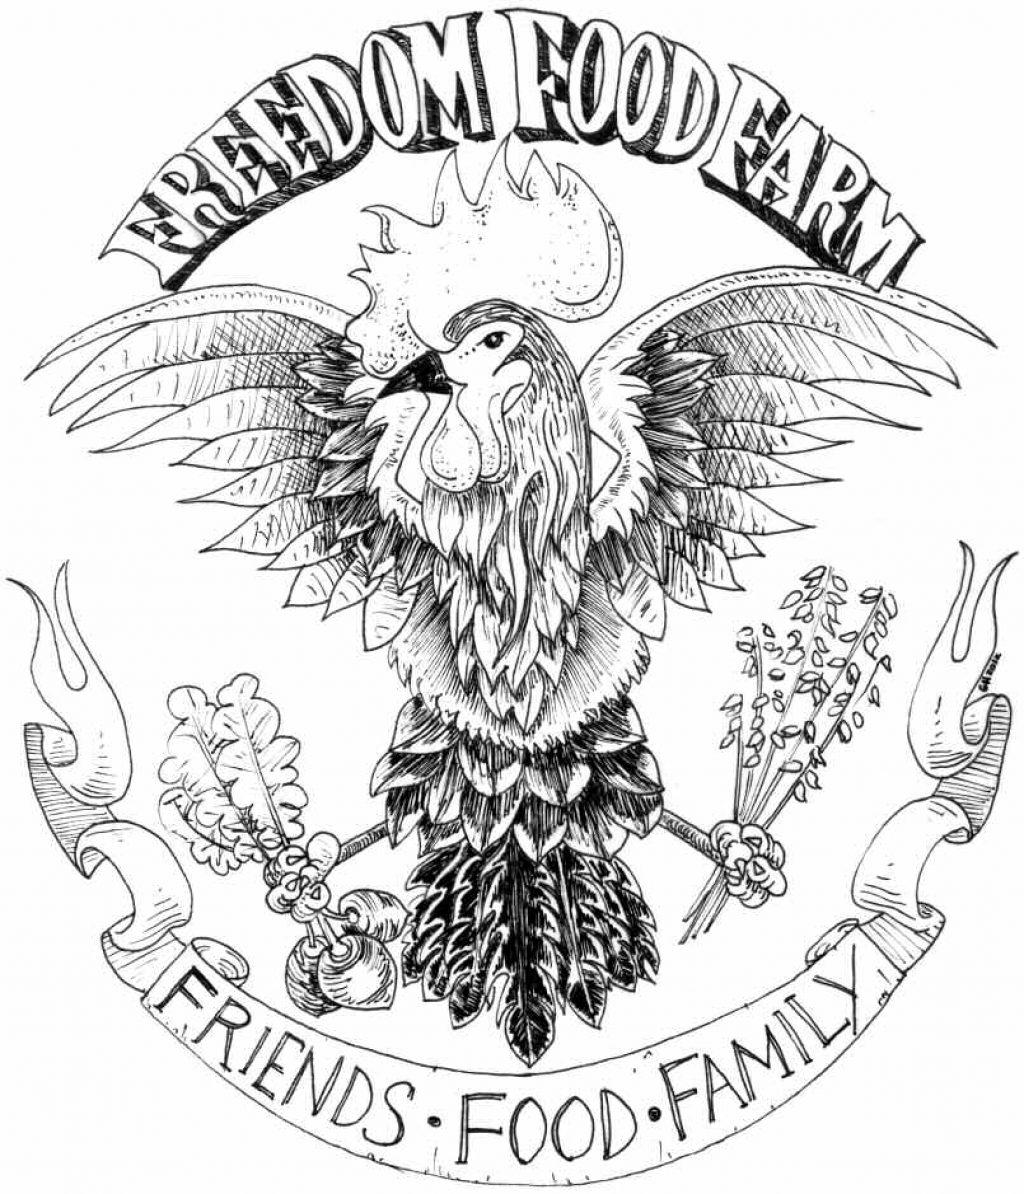 Freedom-Food-Farm-logo.jpg